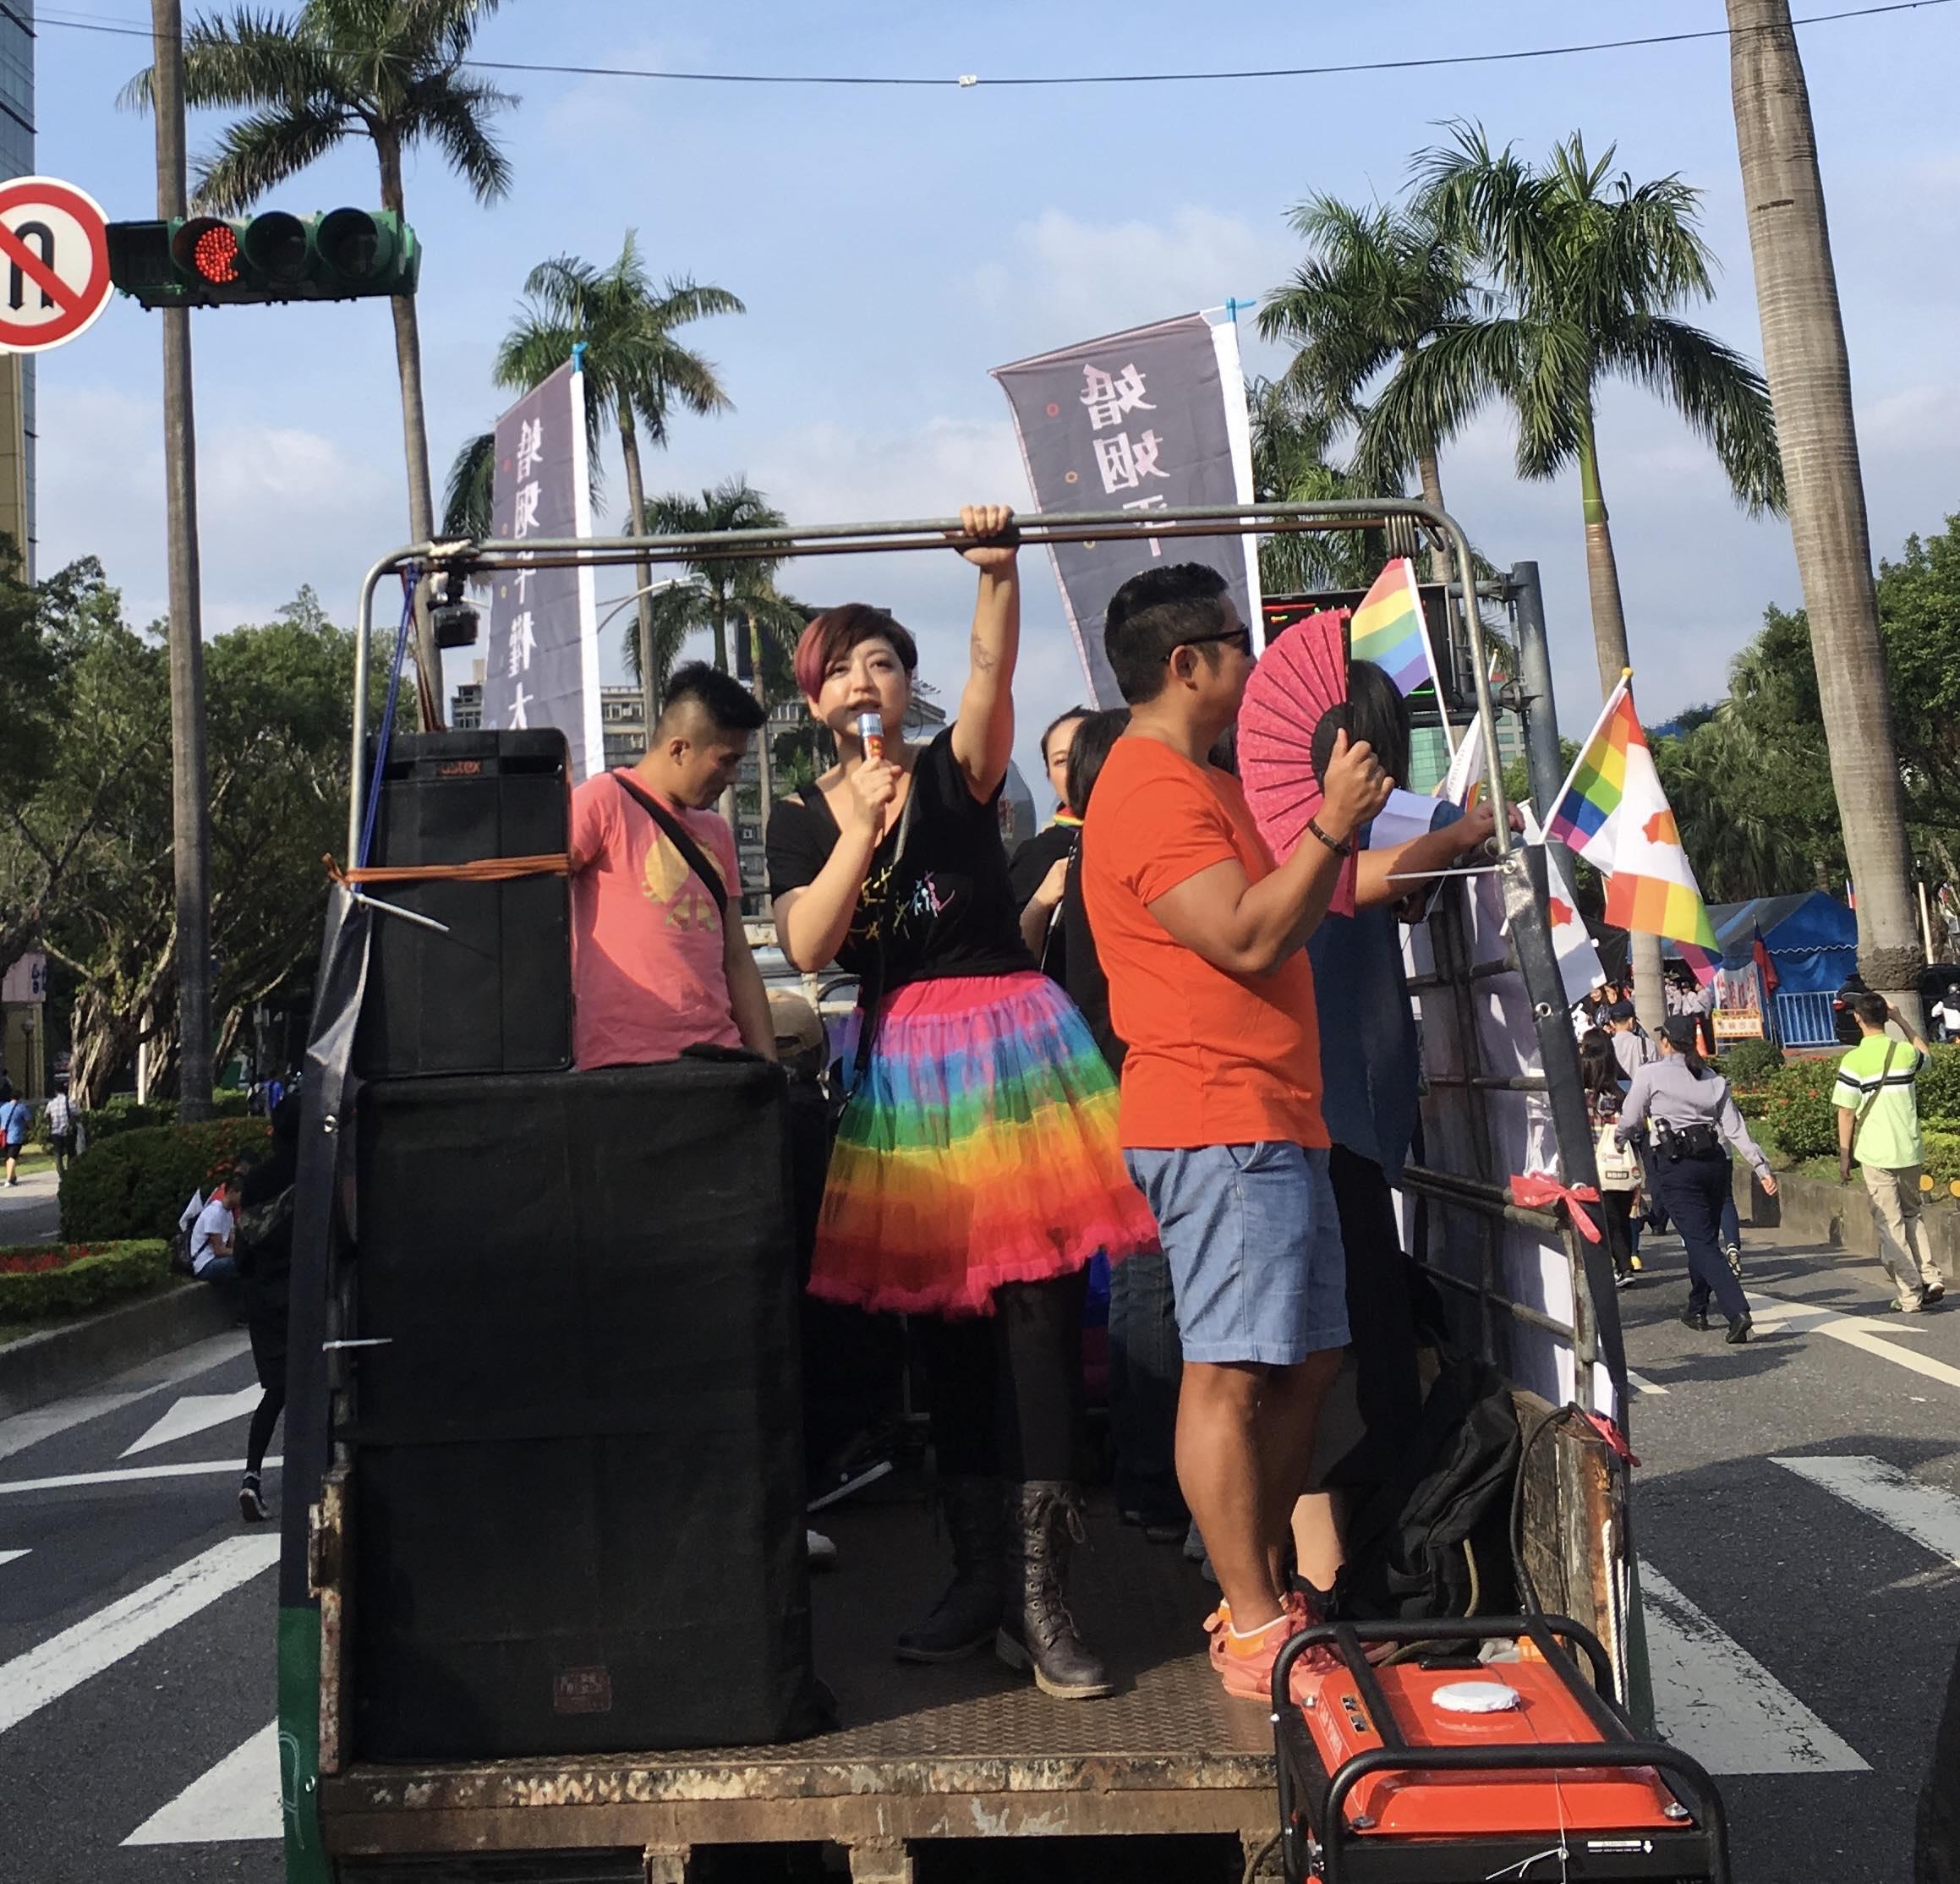 171112_Taiwan LGBT Pride_04